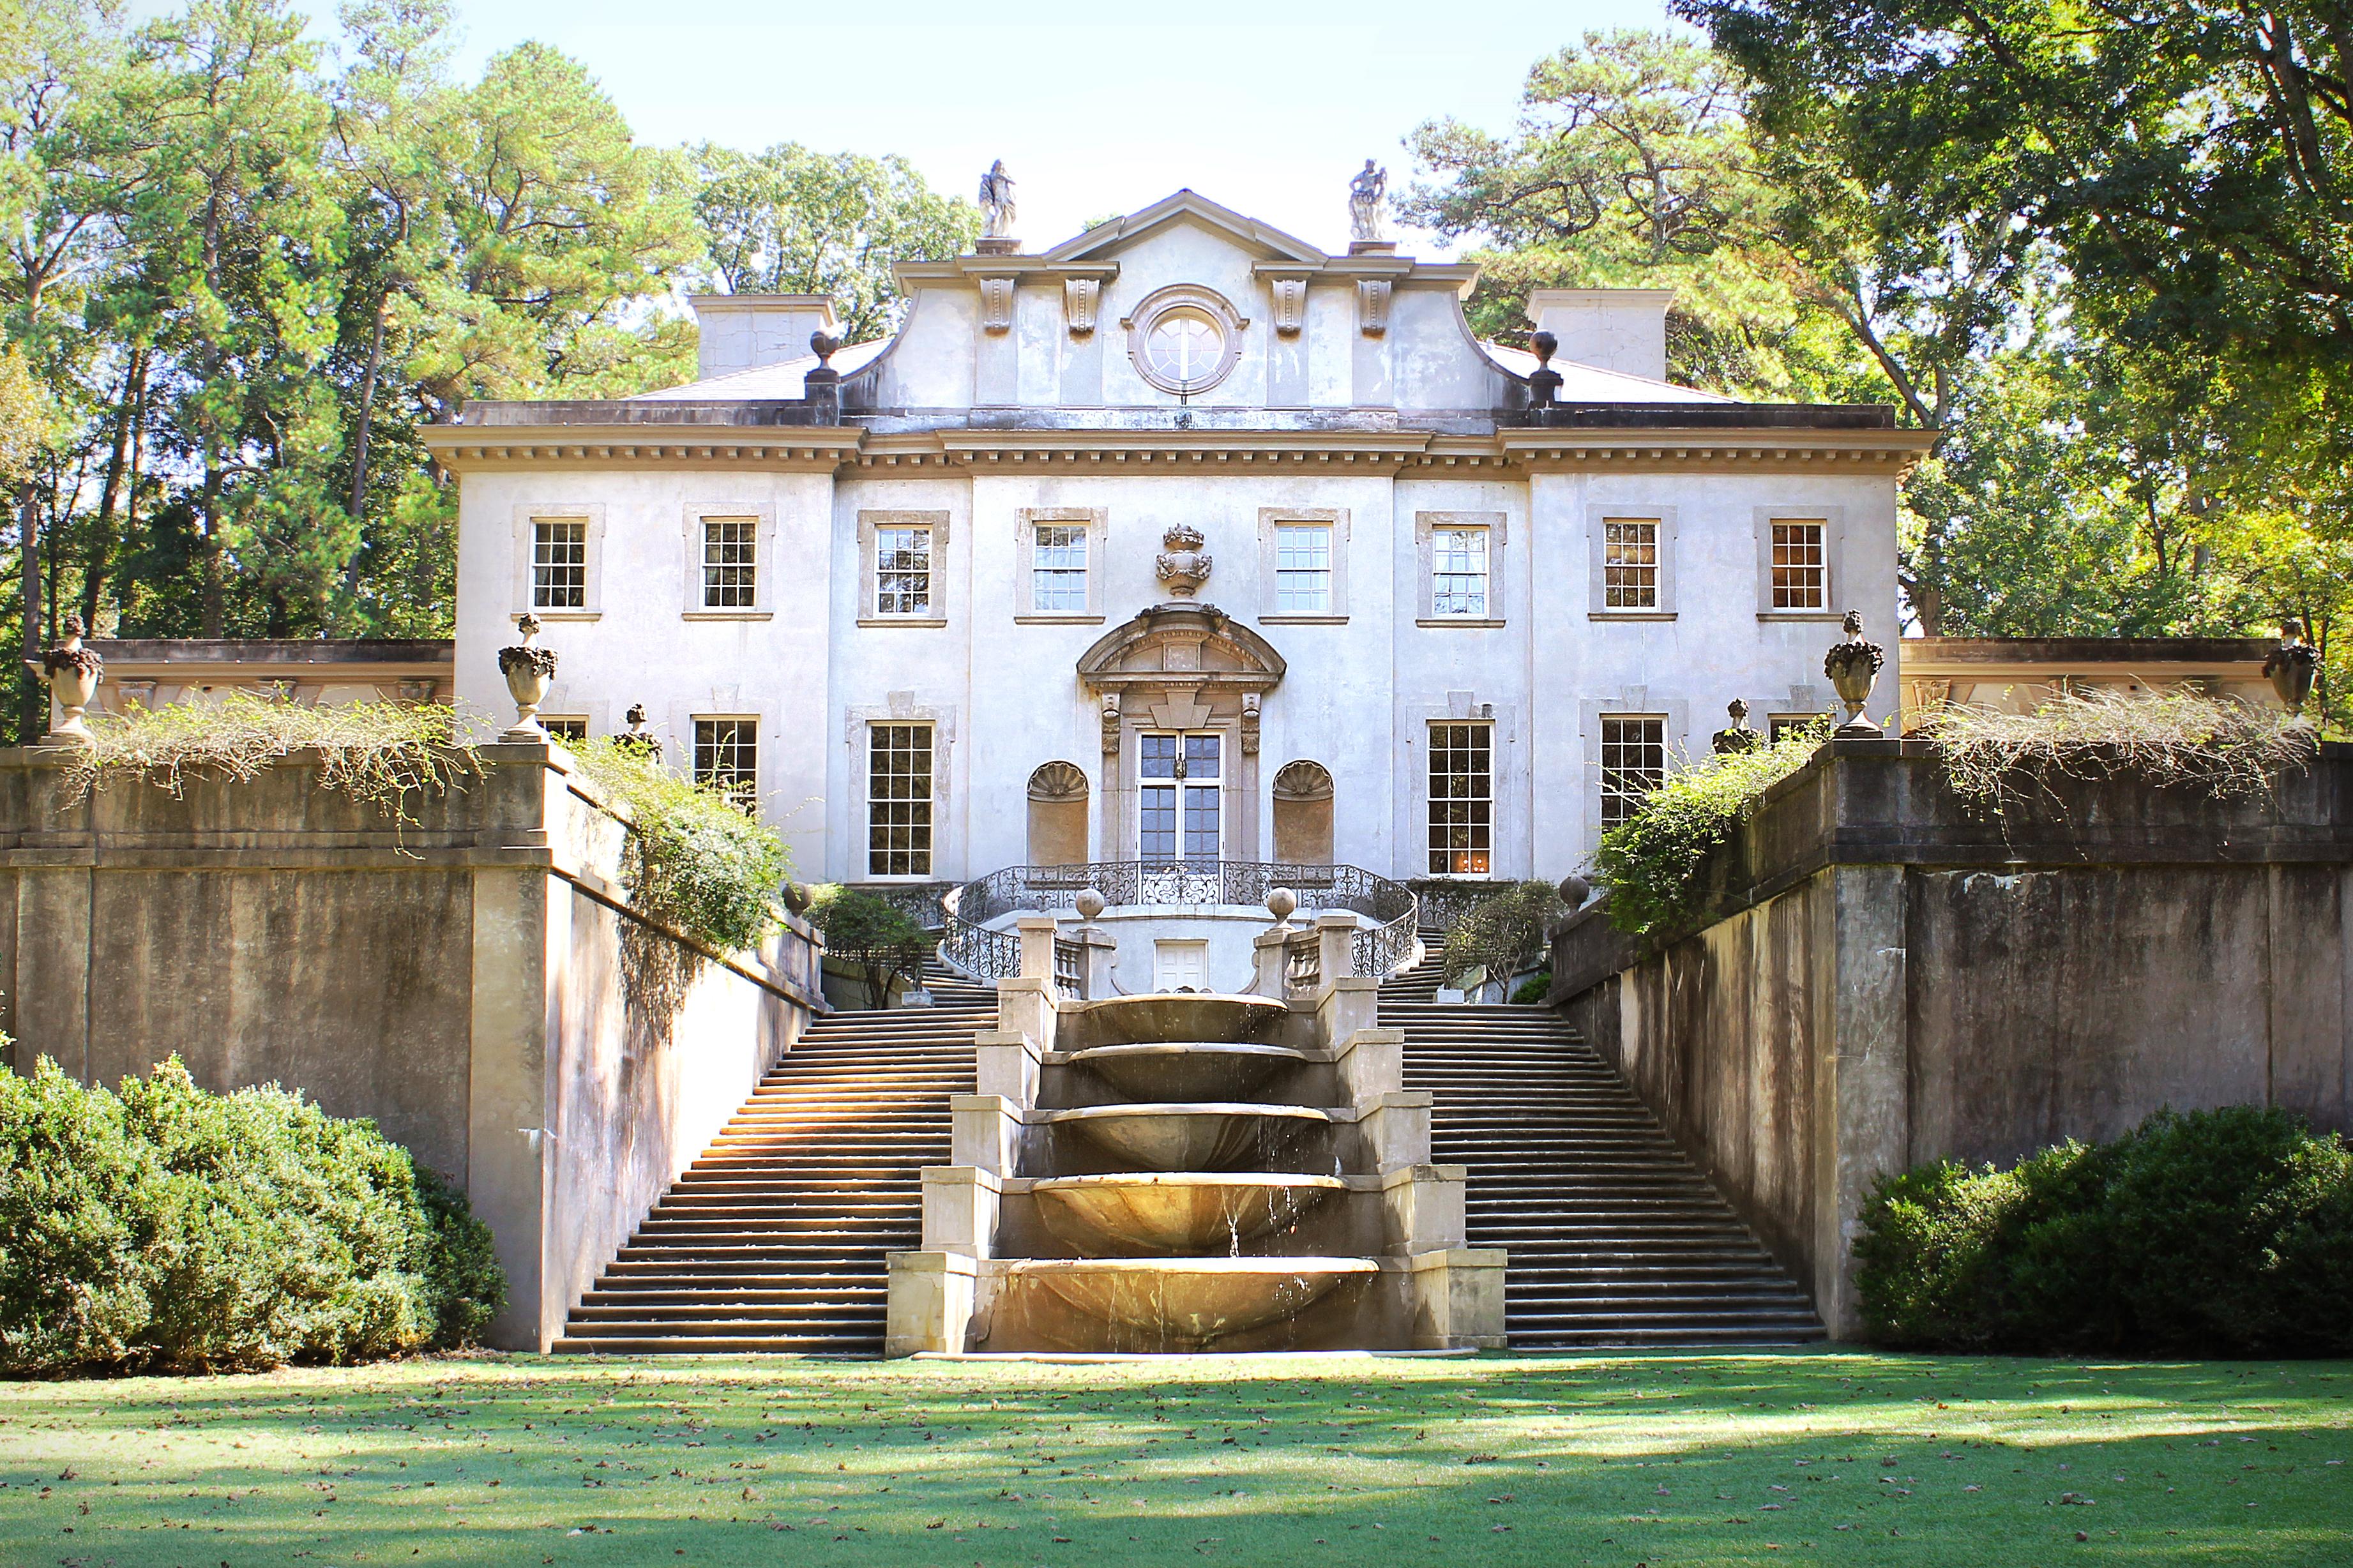 8. President Snow's House, Hunger Games 1